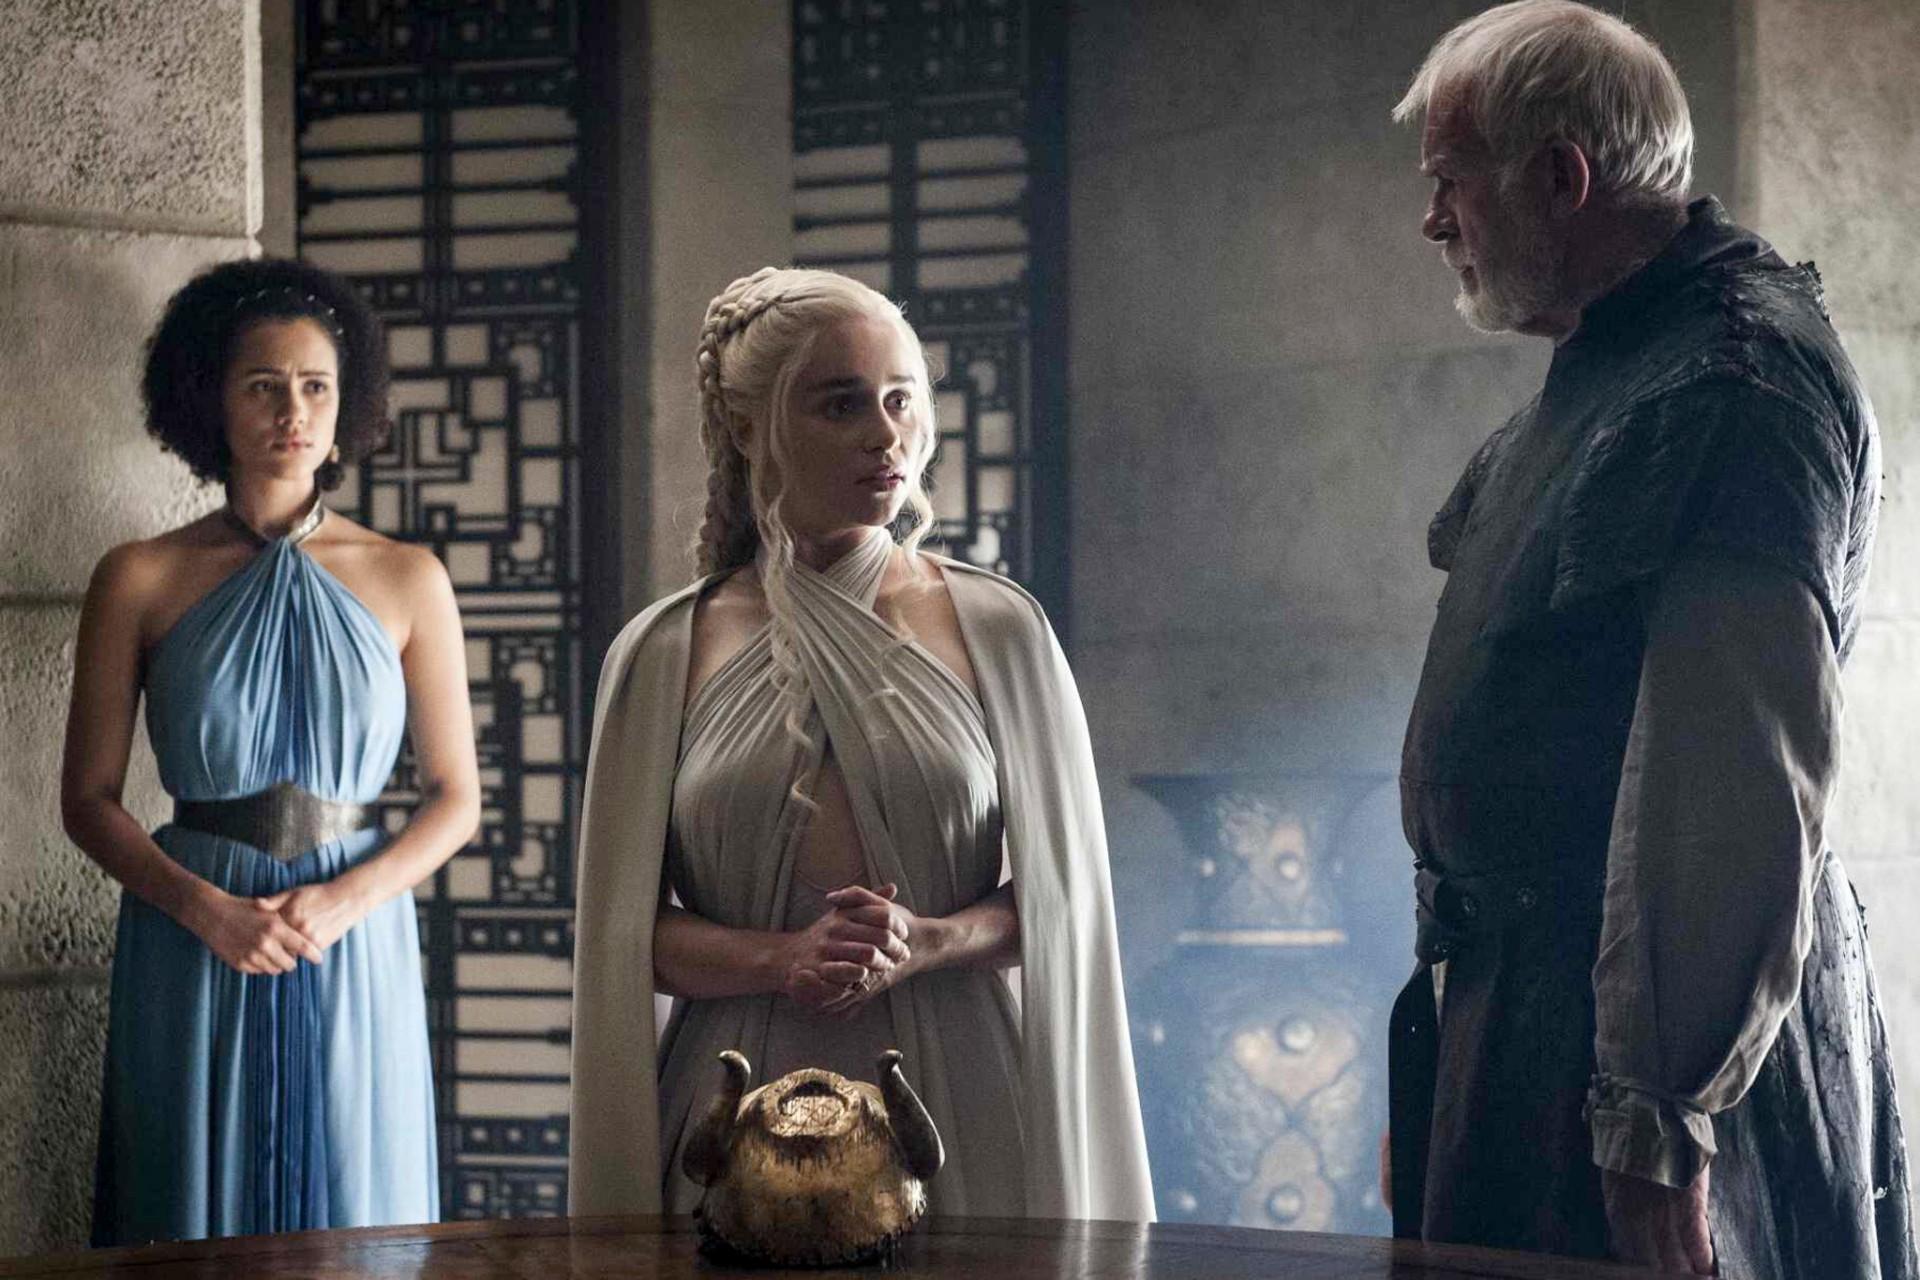 Série da HBO foi a mais pirateada da internet em 2015. Foto: HBO/Divulgação